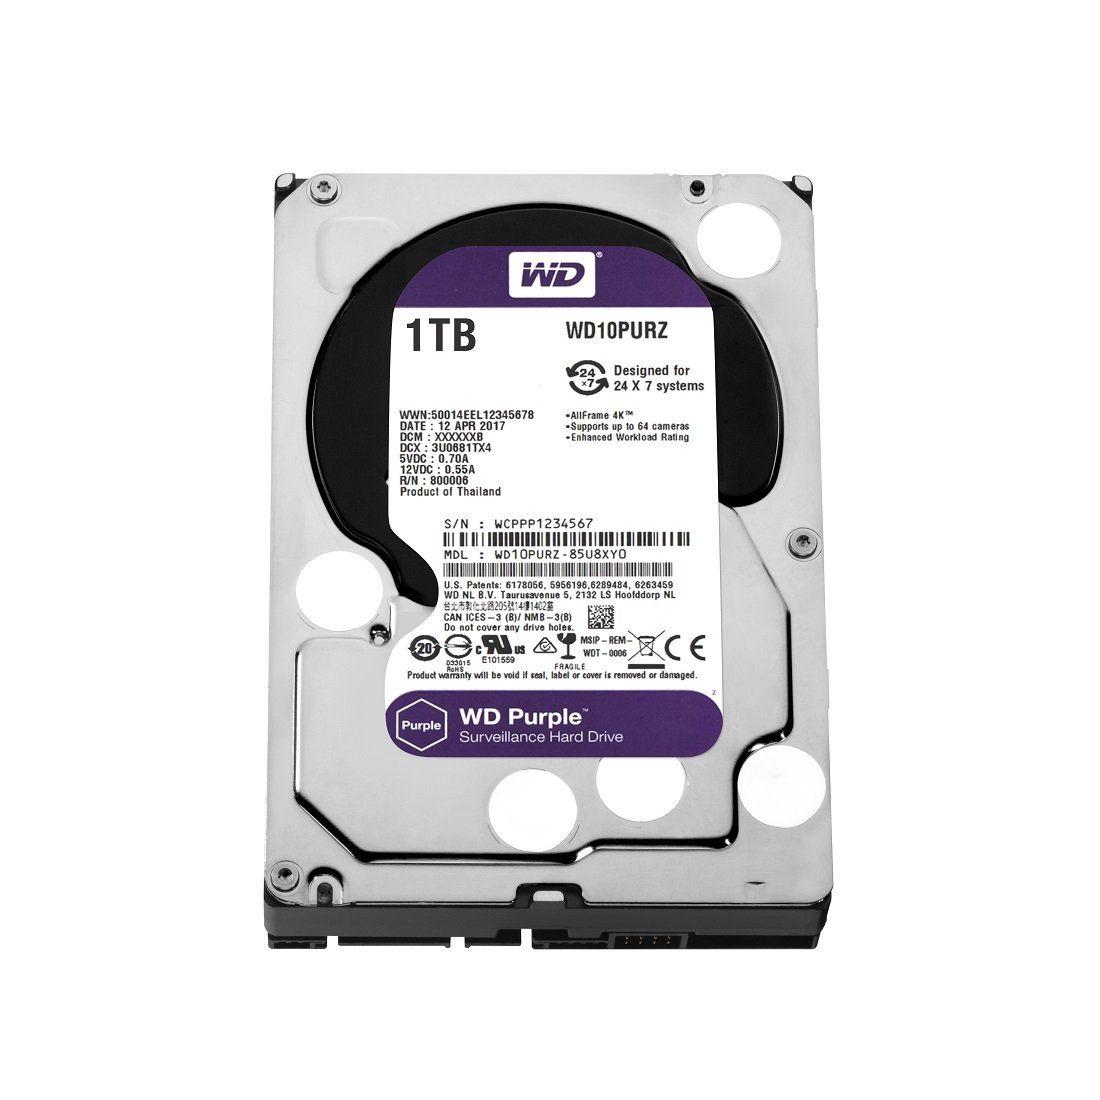 HD WD (Western Digital) Purple Surveillance CFTV 1TB IntelliPower 64MB Cache Sata III 3.5' 6.0Gb/s - WD10PURZ